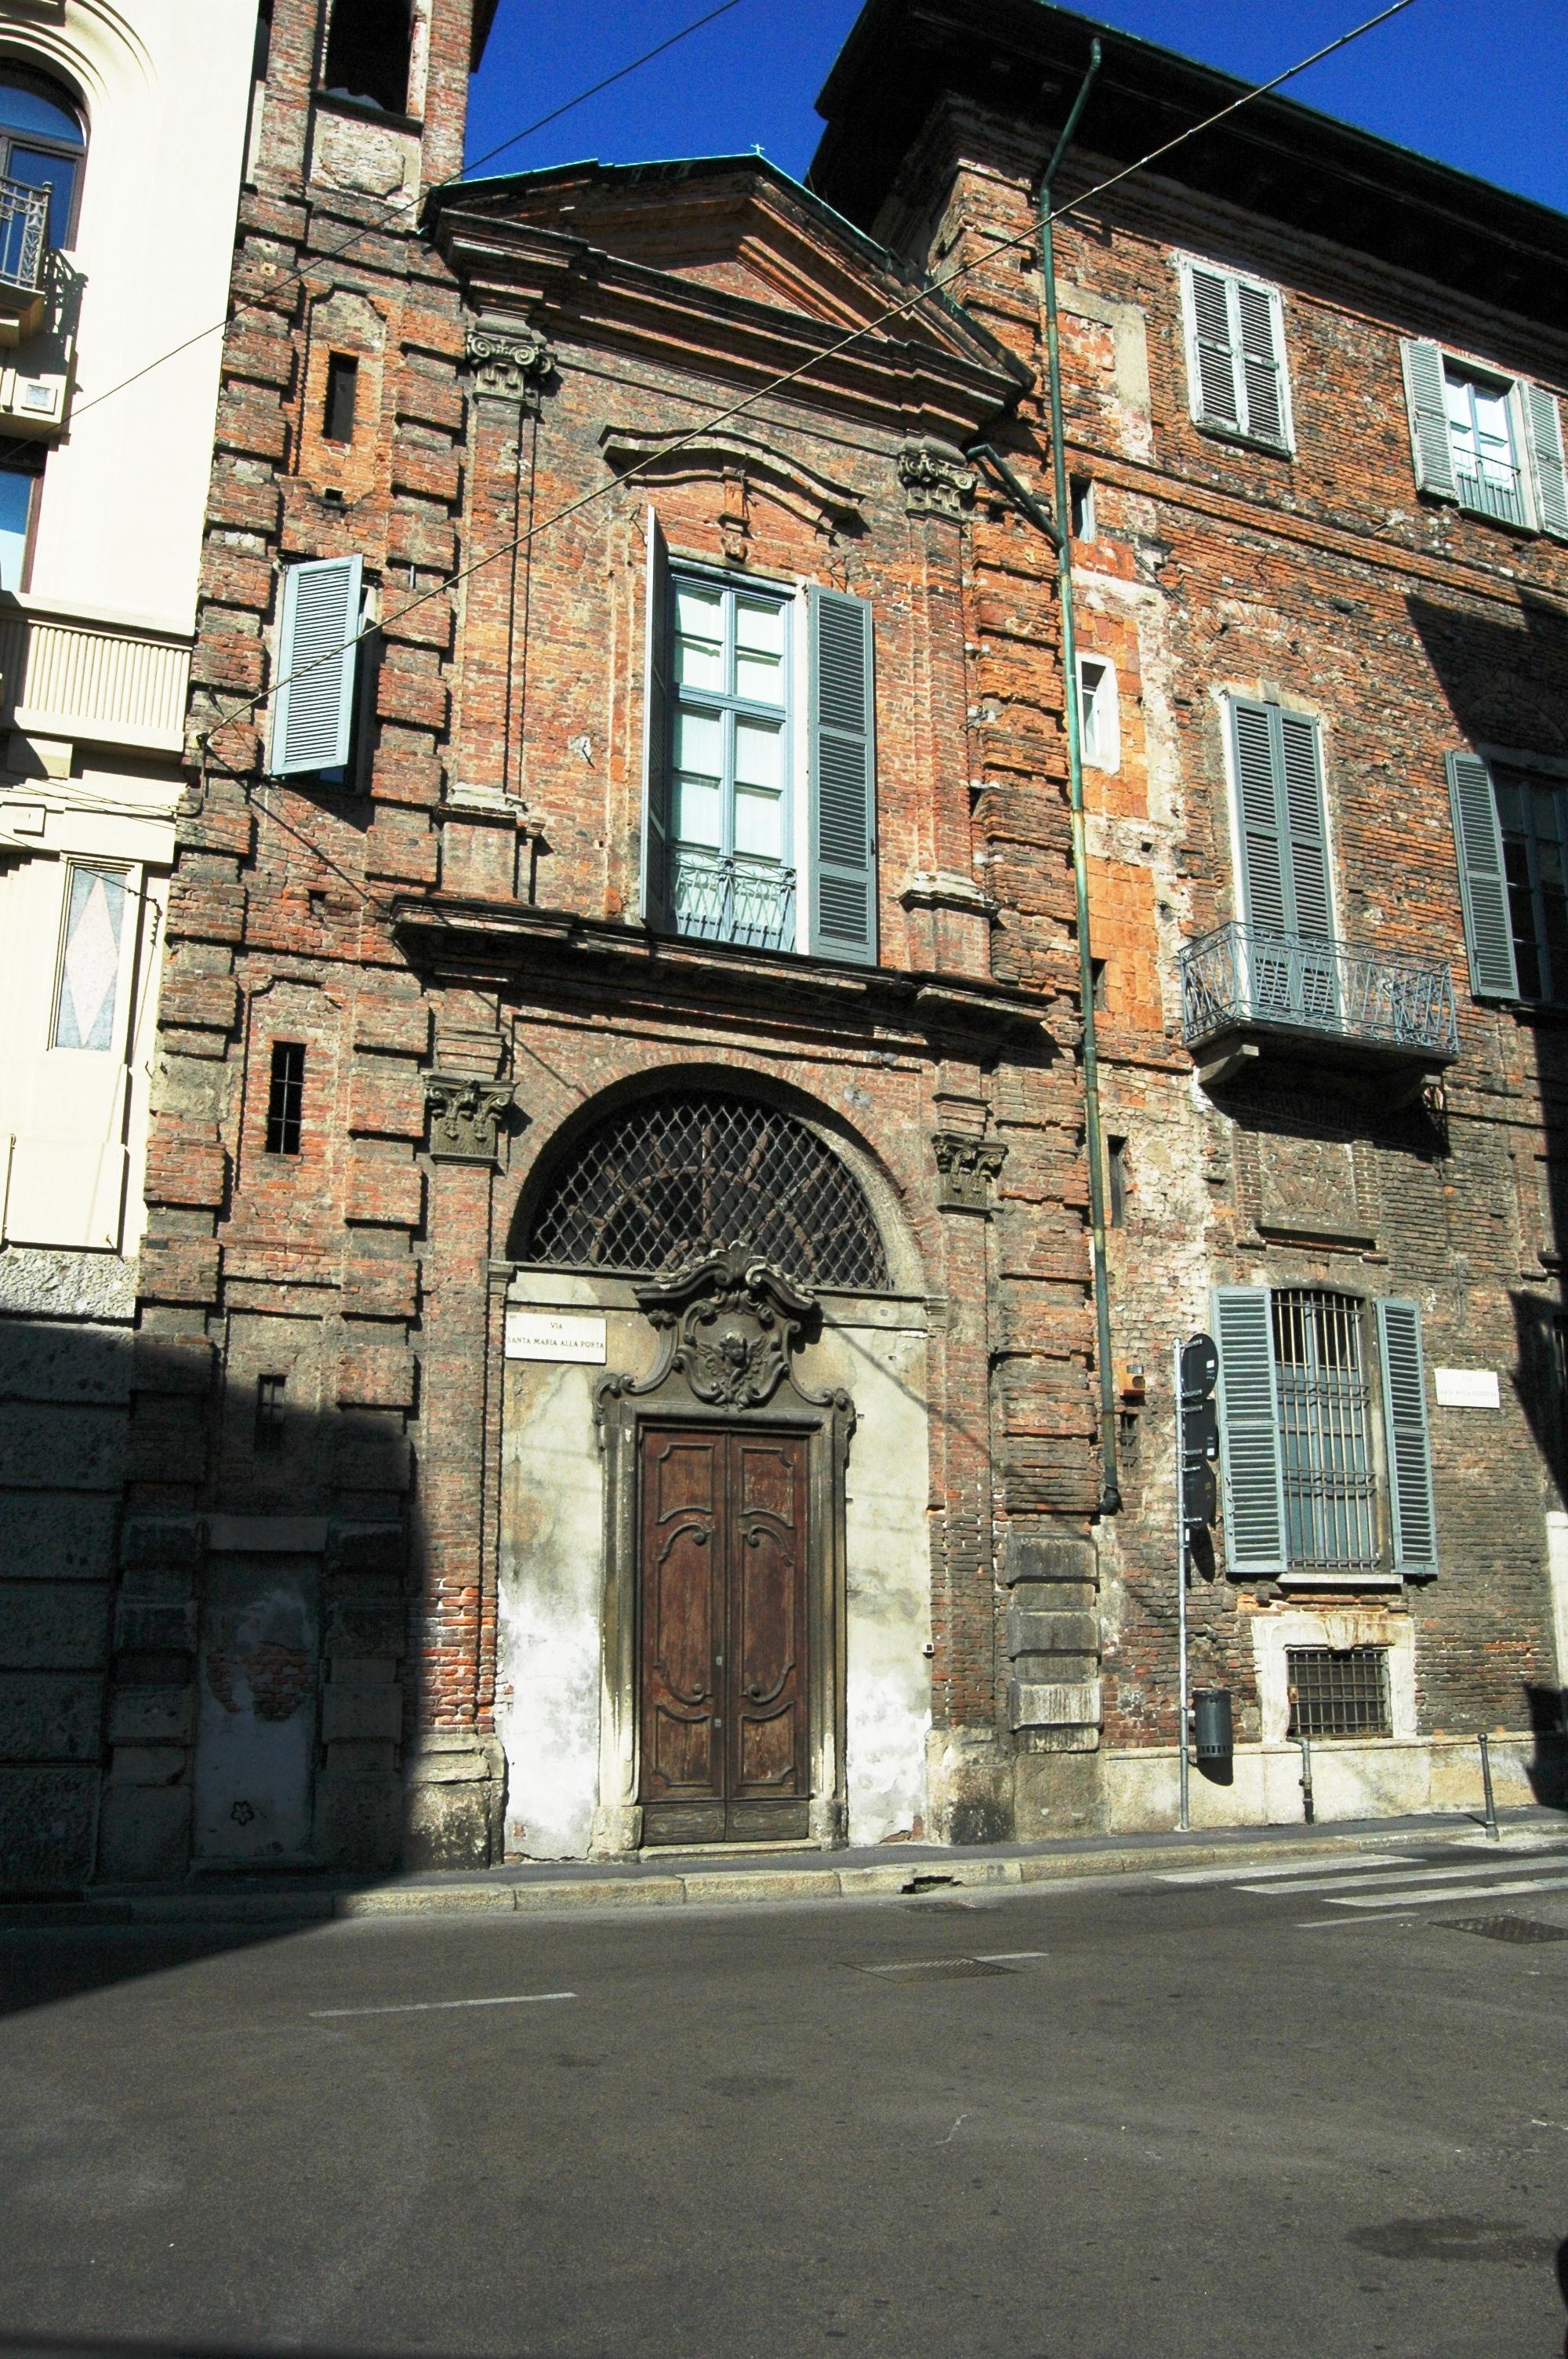 Milano, Via Santa Maria alla Porta e via Santa Maria Fulcorina. In effetti, il decumano della Milano Romana era situato sulle attuali vie Santa Maria alla Porta, Santa Maria Fulcorina, via del Bollo e in direzione Corso di Porta Romana.